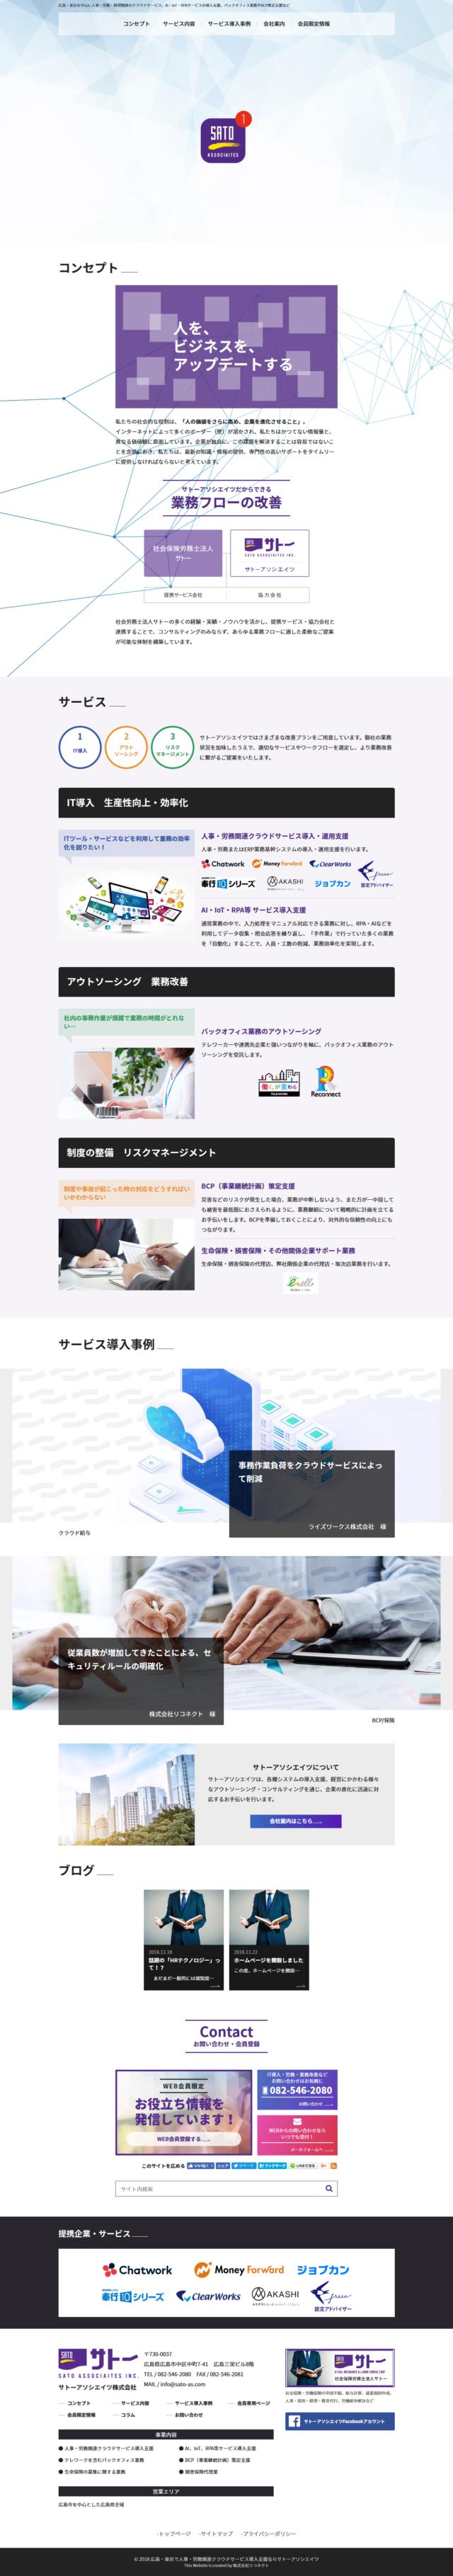 広島県広島市 人事・労務・経理関連クラウドサービス導入支援のサトーアソシエイツ 様